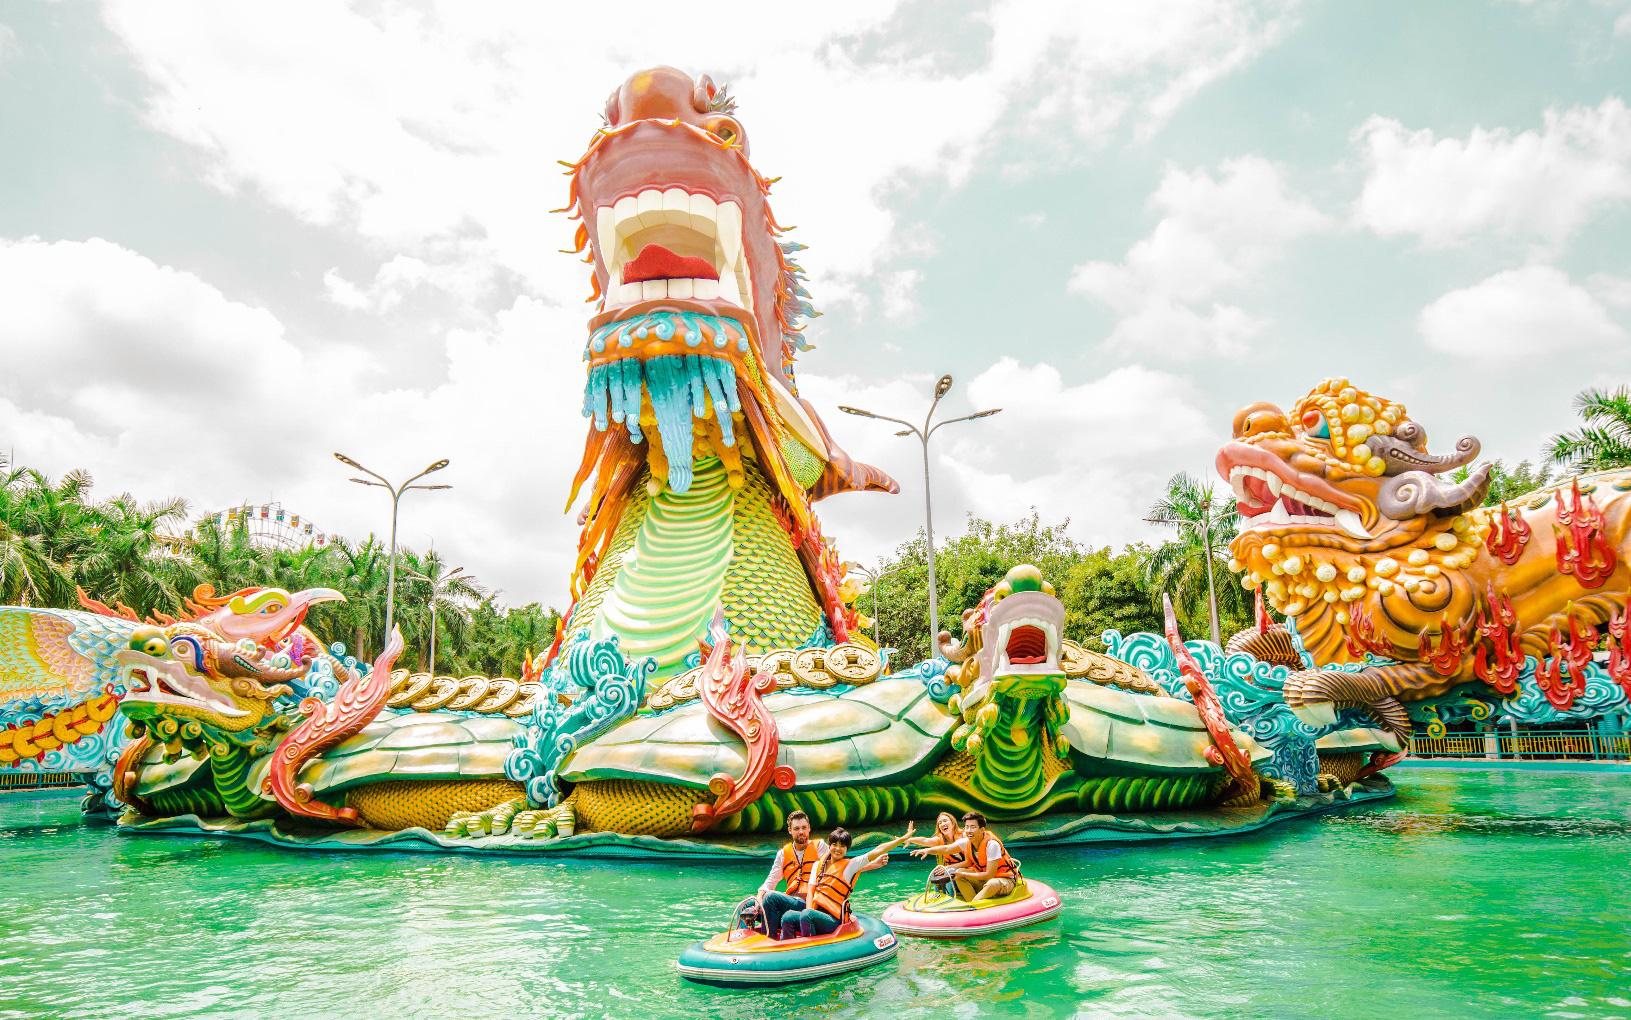 Khám phá lễ hội Bonsai & Suiseki Châu Á - Thái Bình Dương tại Suối Tiên - Ảnh 6.